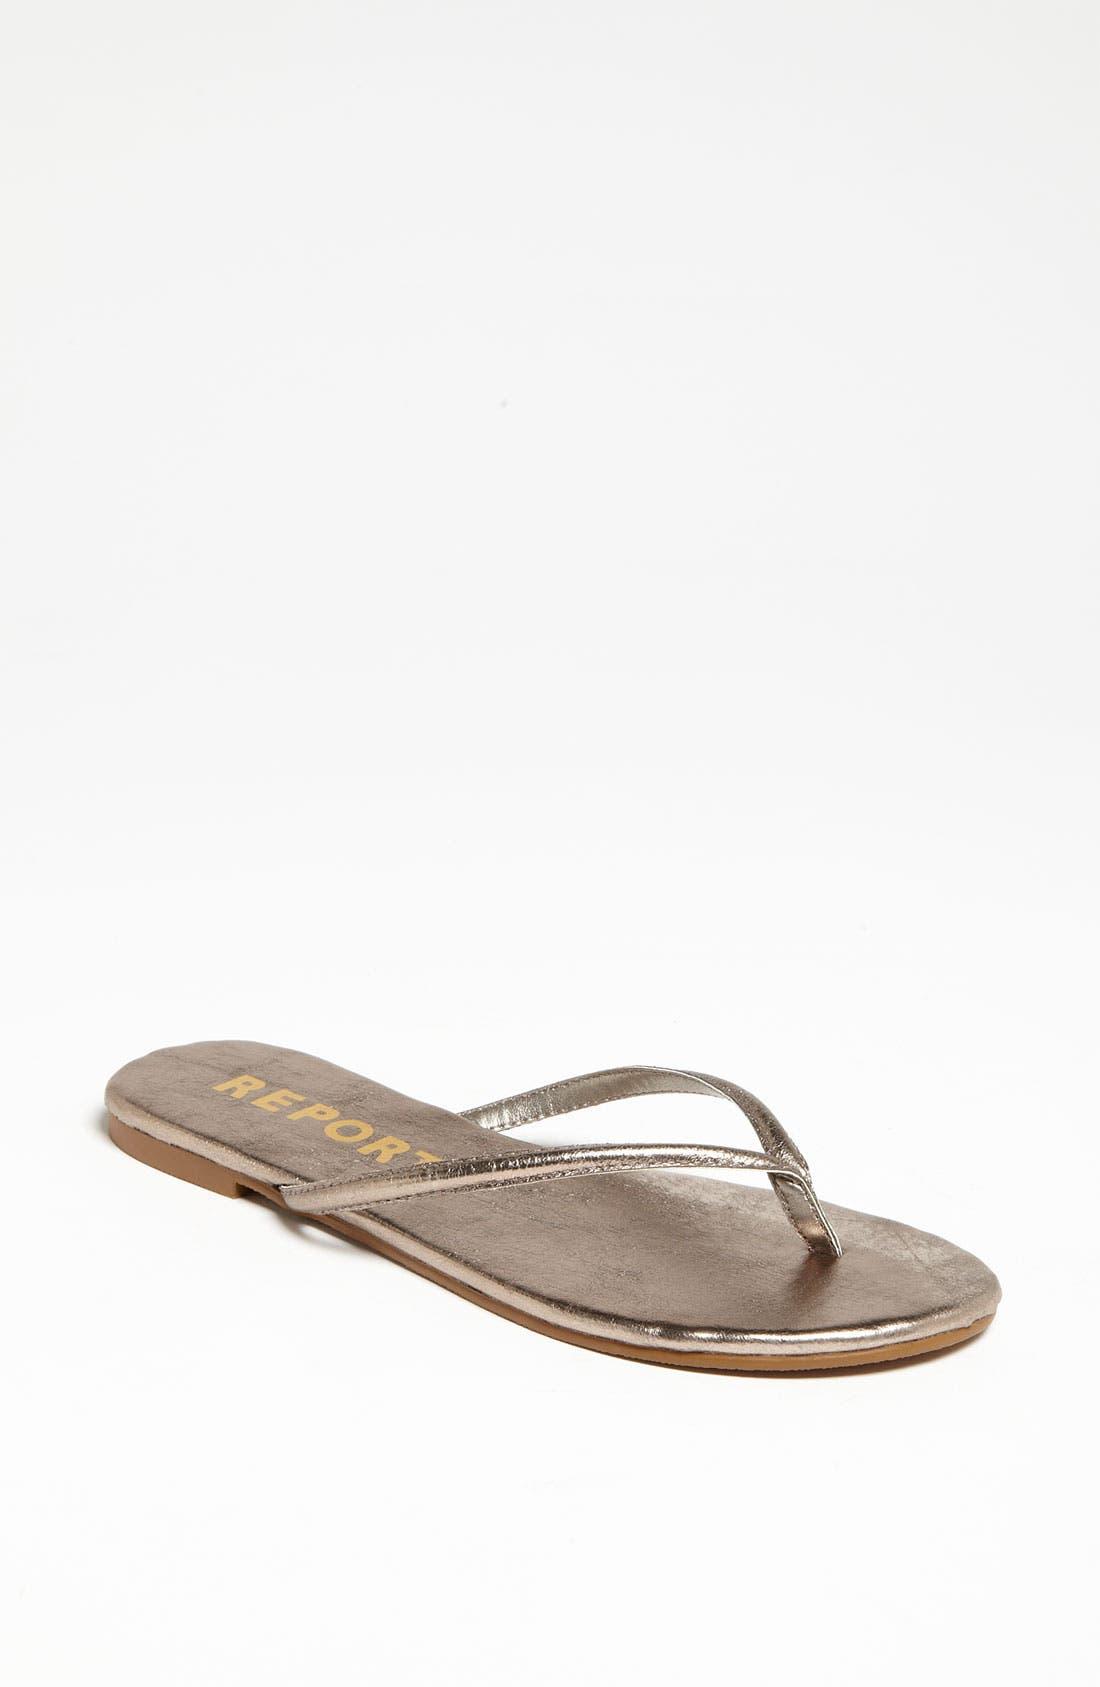 Main Image - REPORT 'Aleta' Sandal